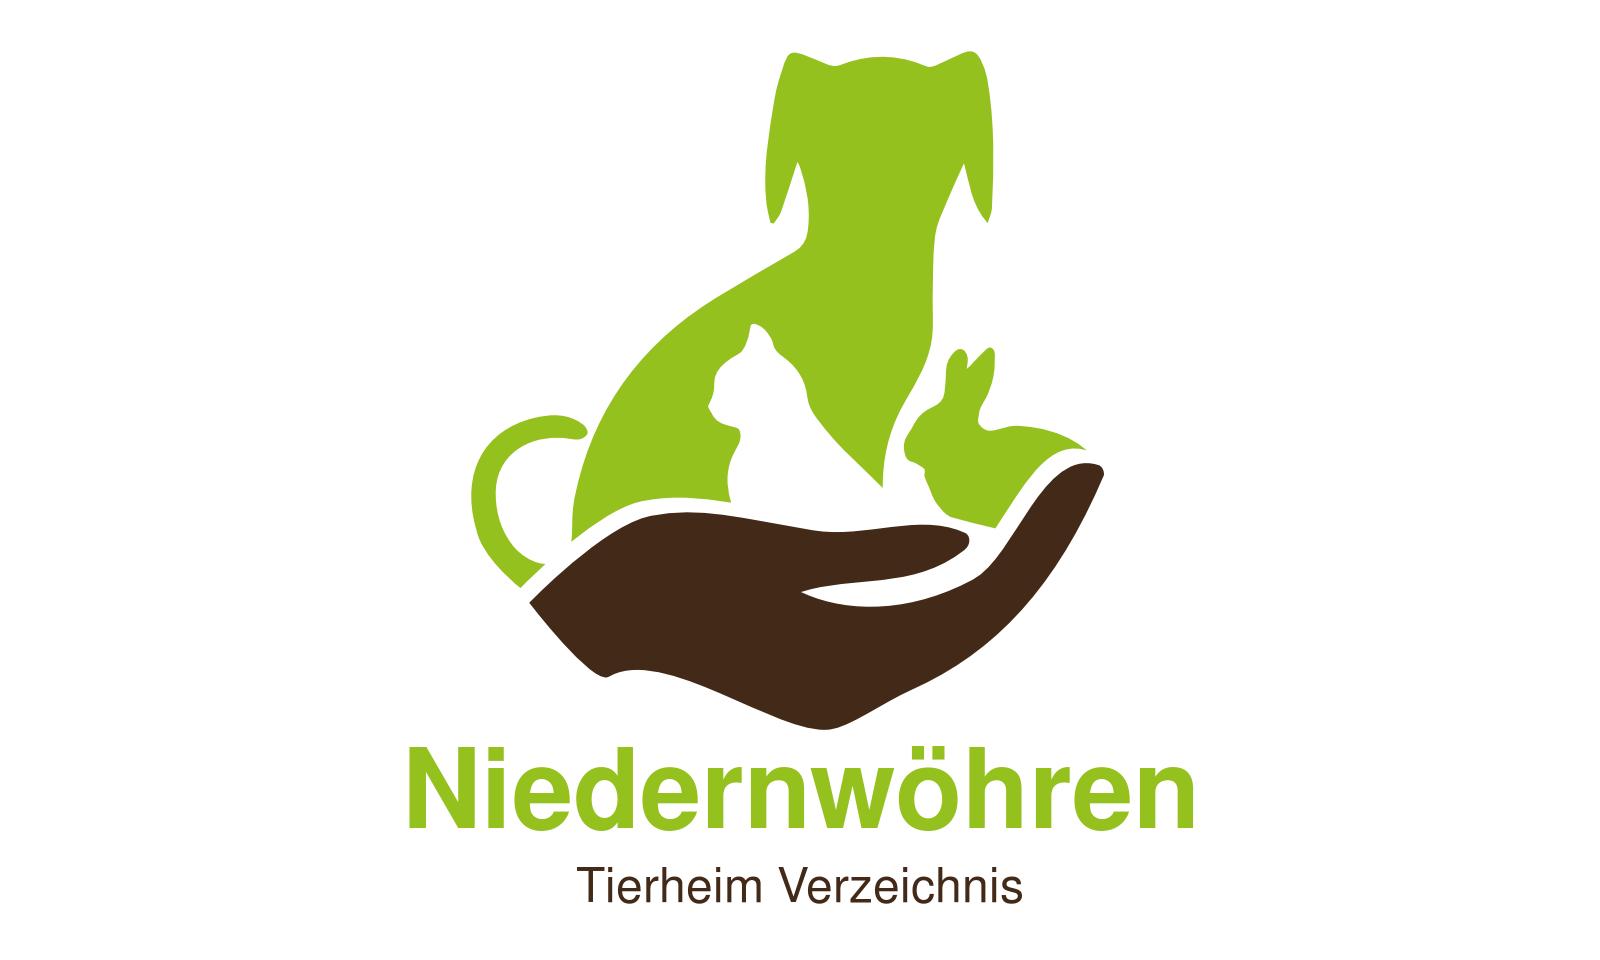 Tierheim Niedernwöhren